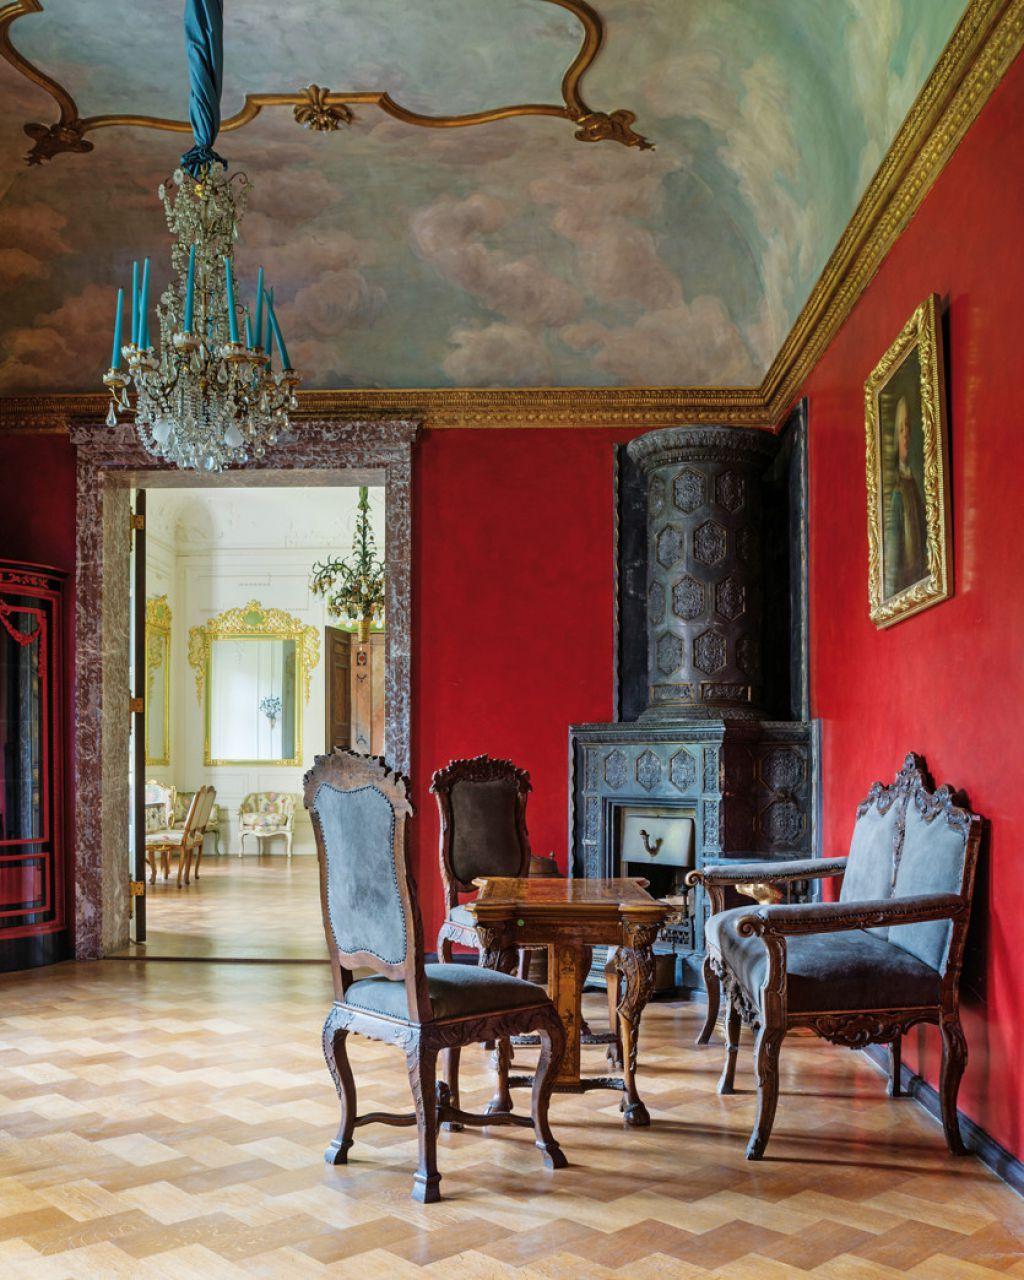 Elegant Renaissance Interior Design With Images Interior Design History Design Remodel Interior Design